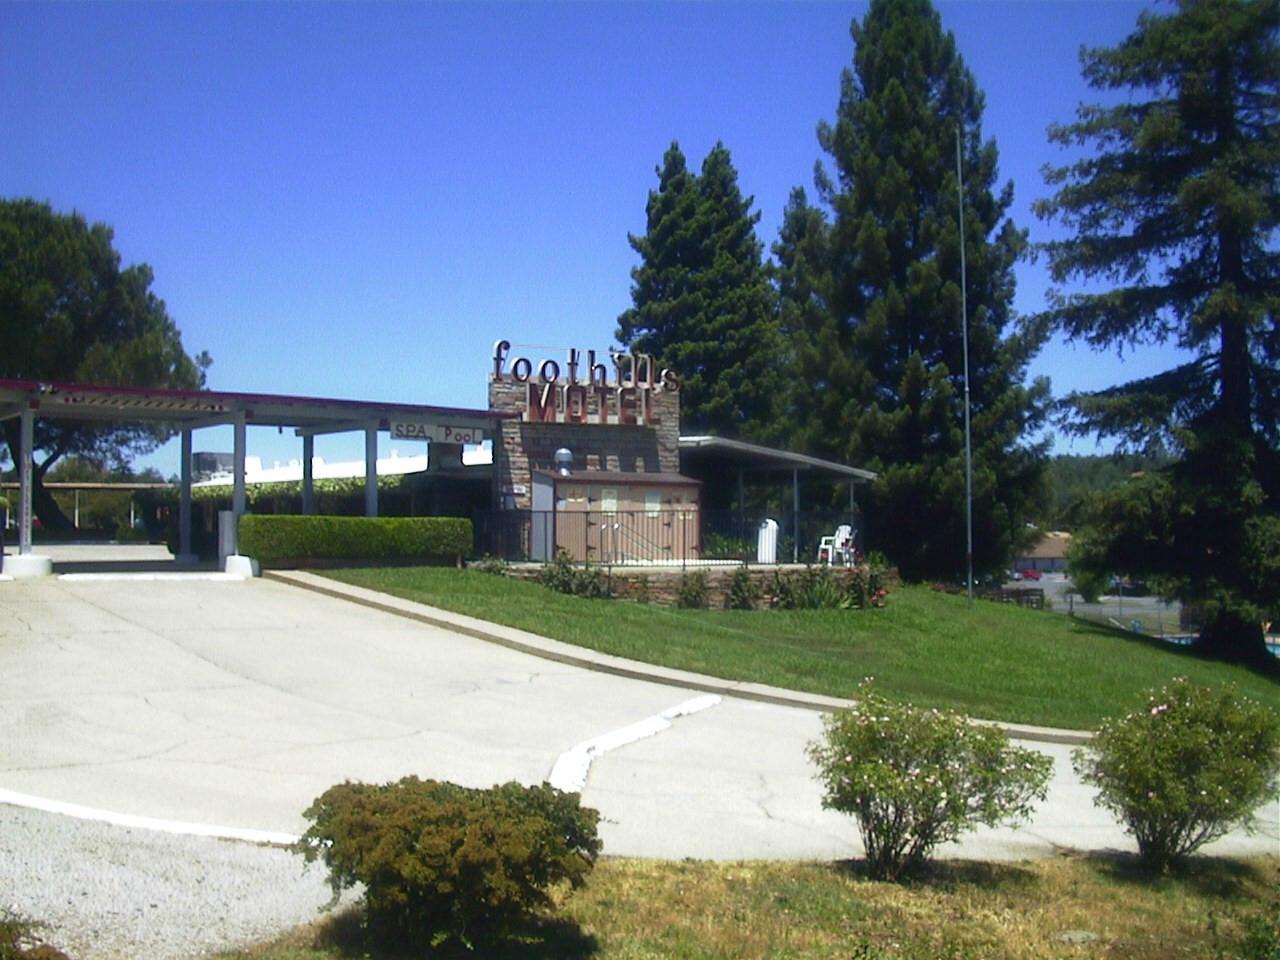 Foothills Motel